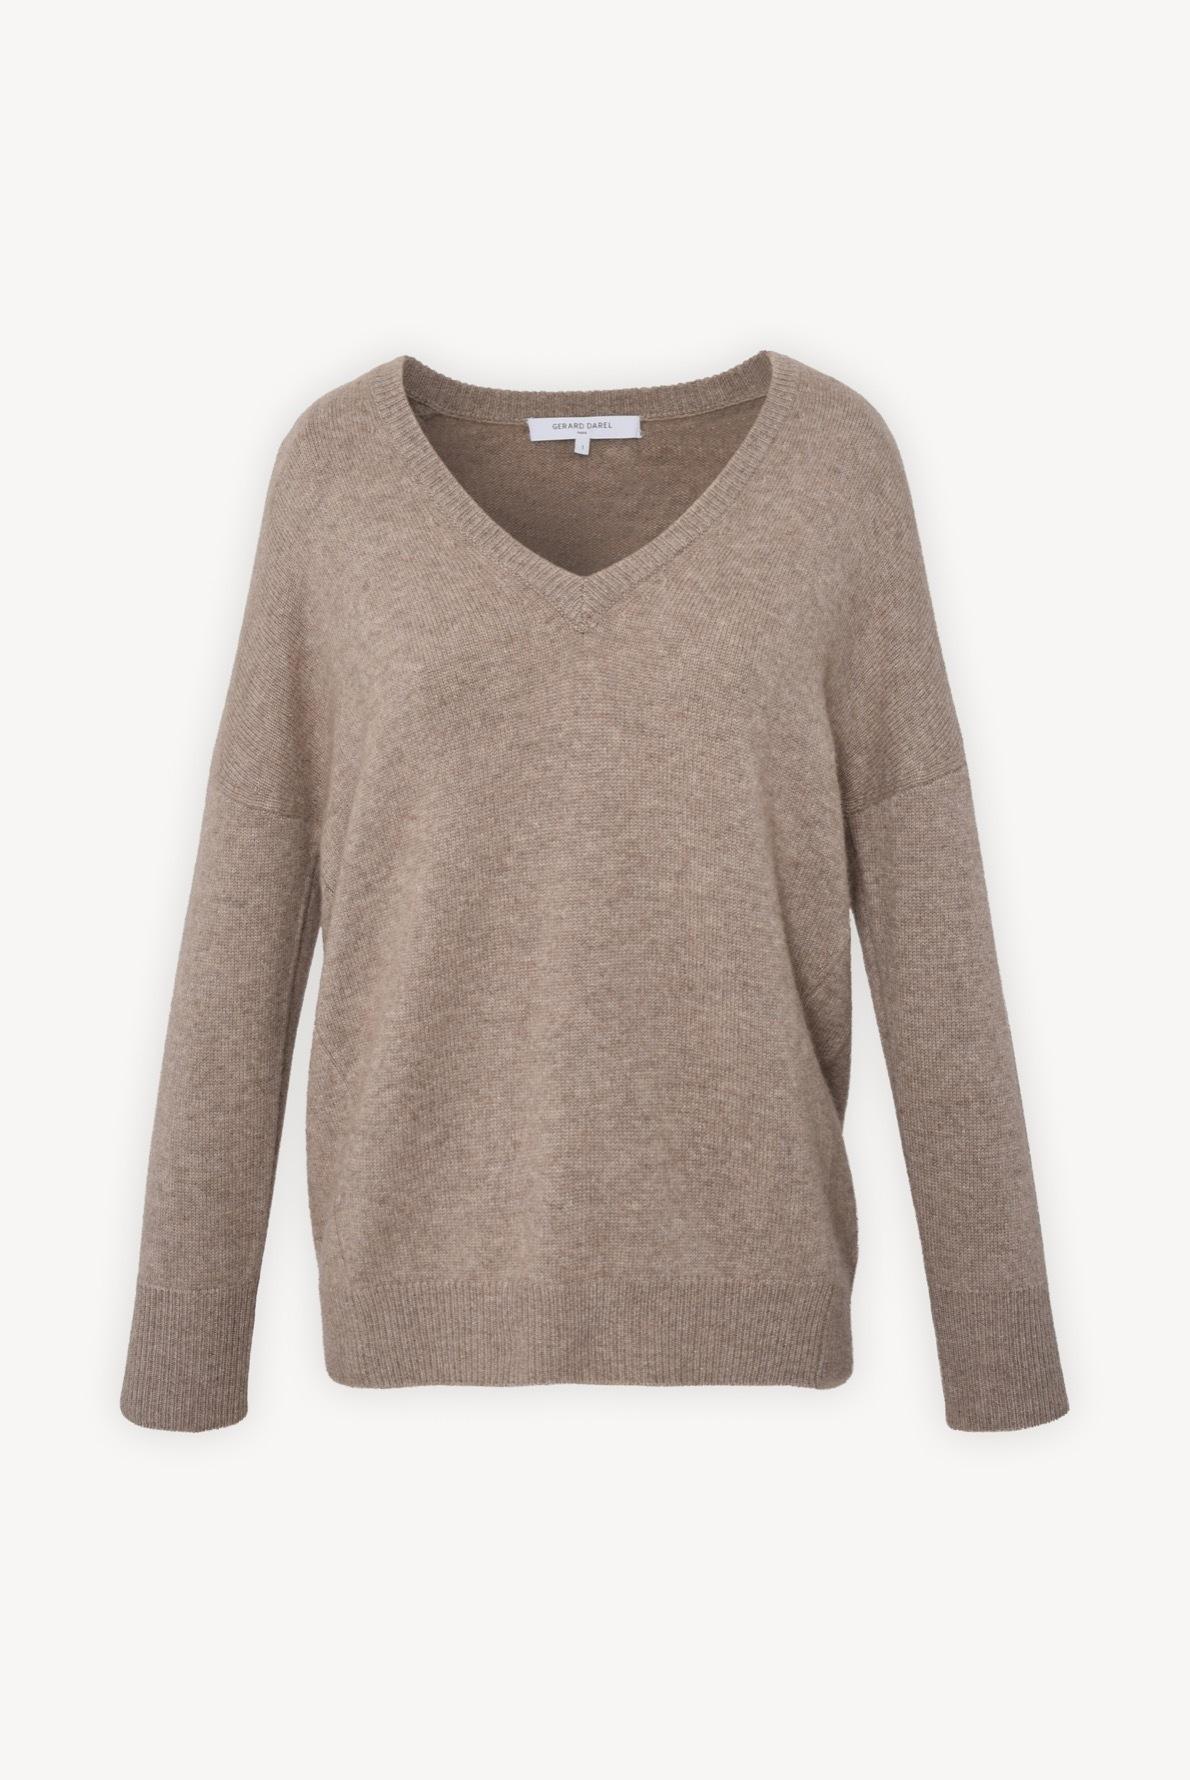 DALLY - Кашемировый свитер оверсайз с V-образным вырезом